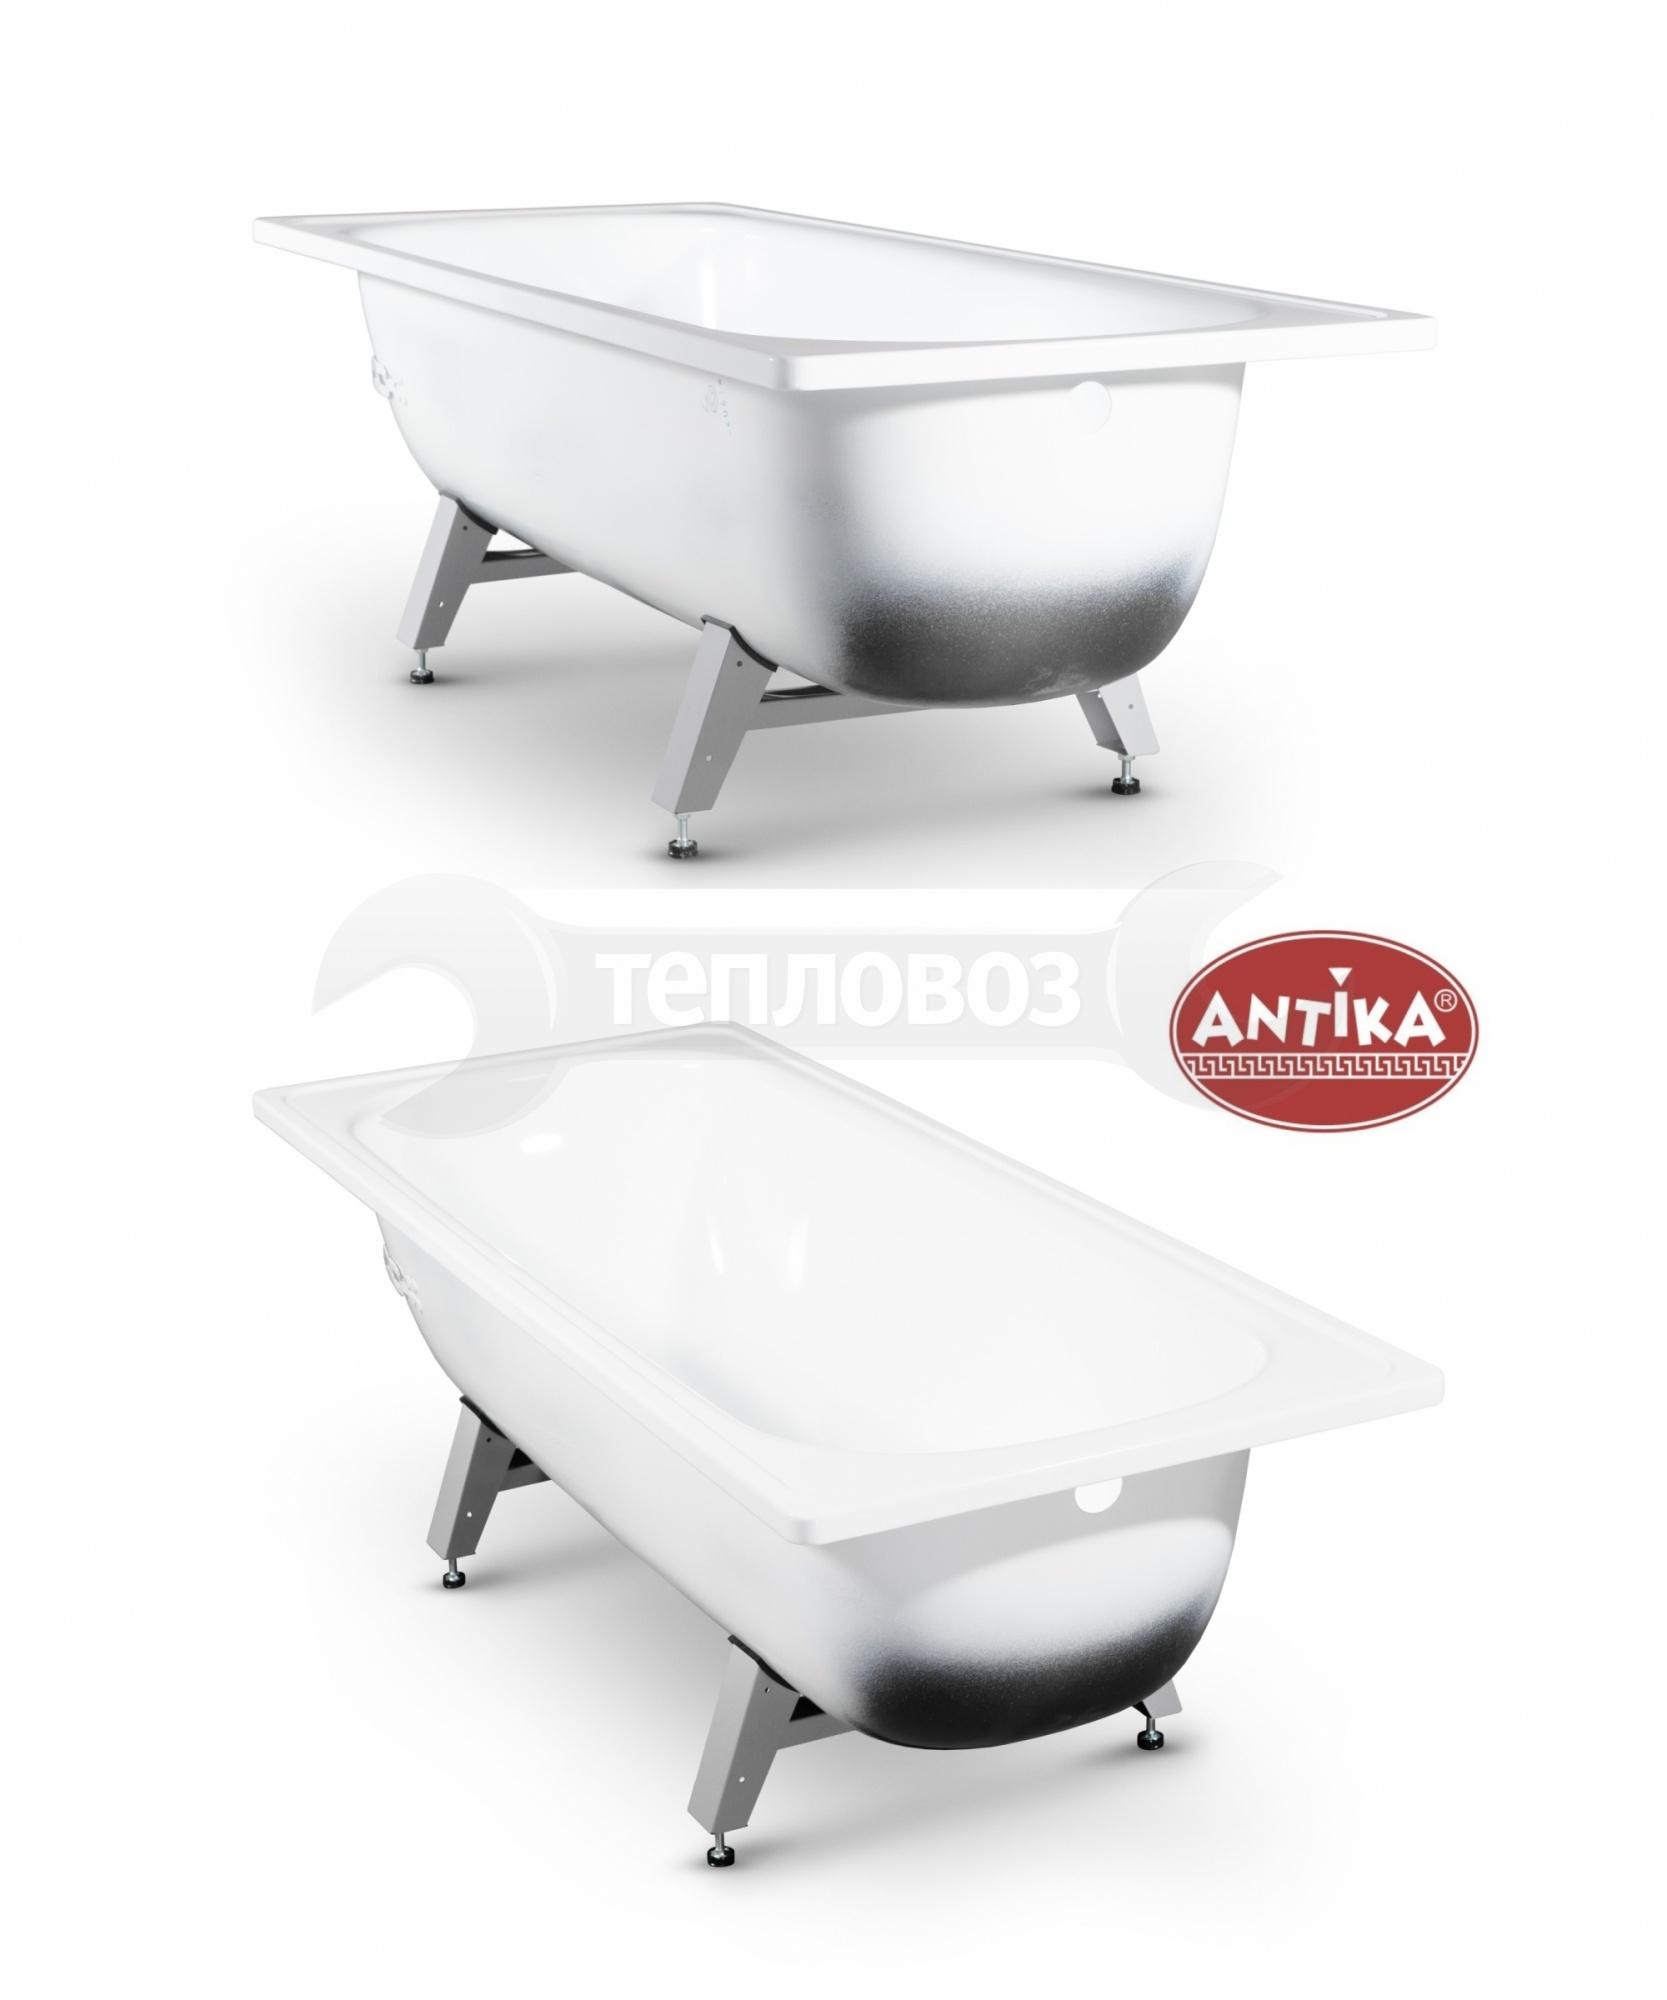 ВИЗ Antika A70001 170 см